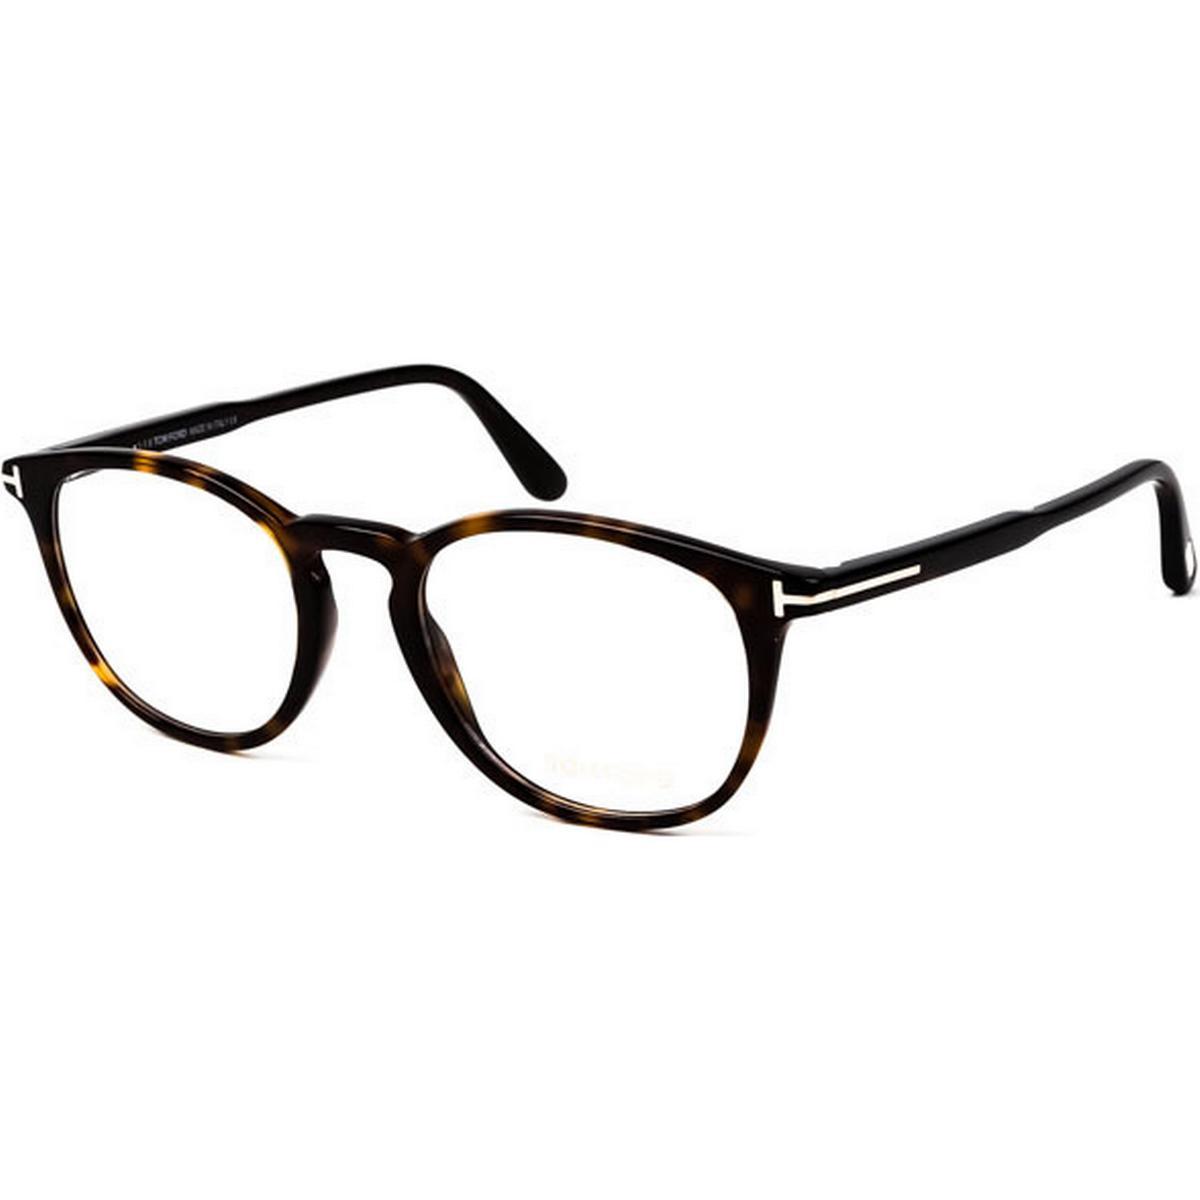 Briller (1000+ produkter) hos PriceRunner • Se den billigste